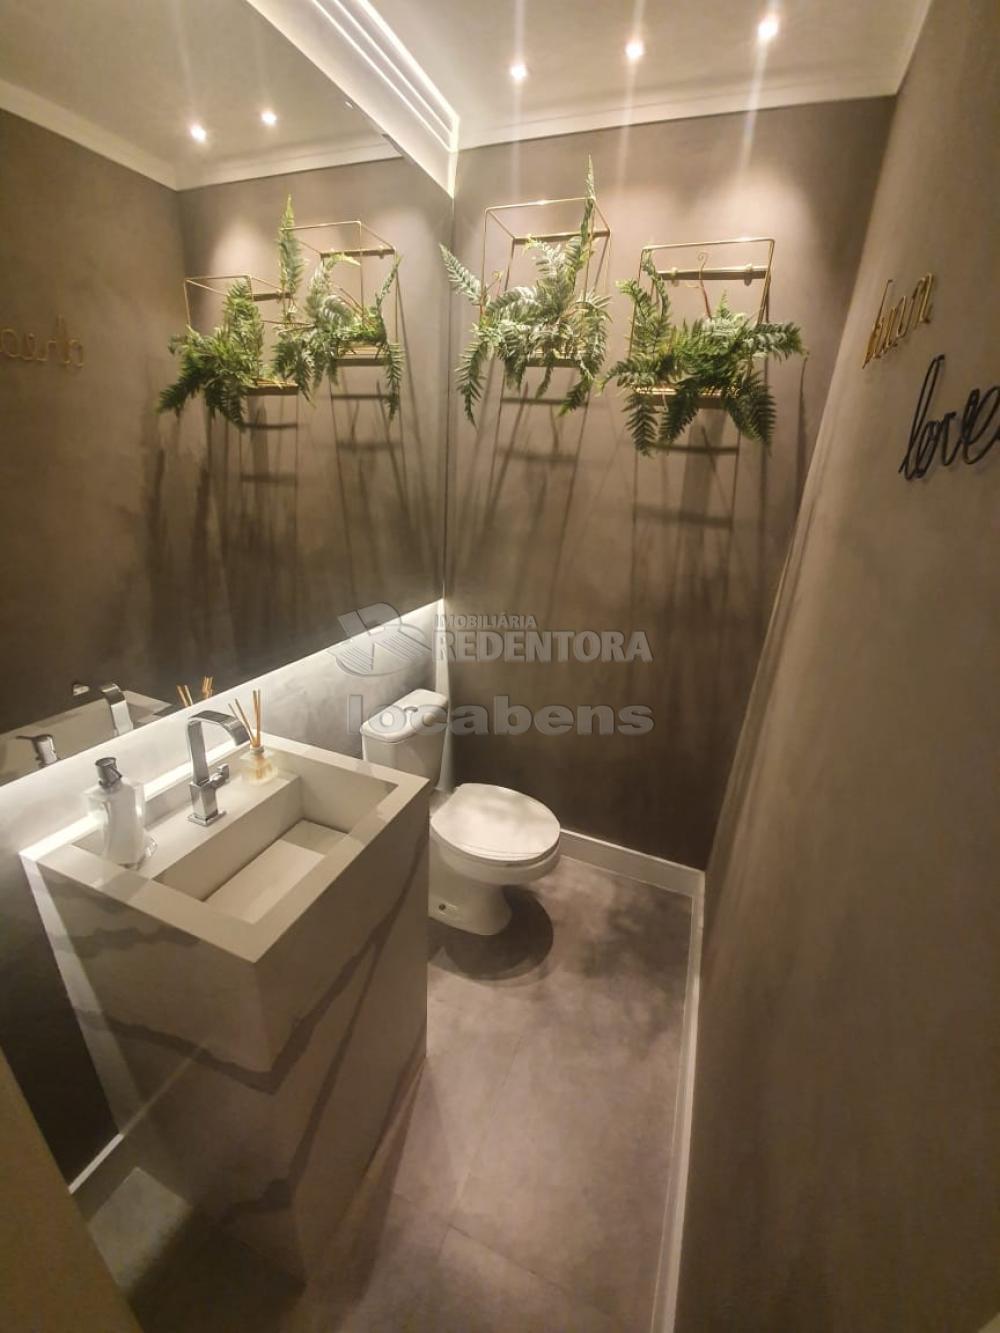 Comprar Apartamento / Padrão em São José do Rio Preto apenas R$ 1.050.000,00 - Foto 3